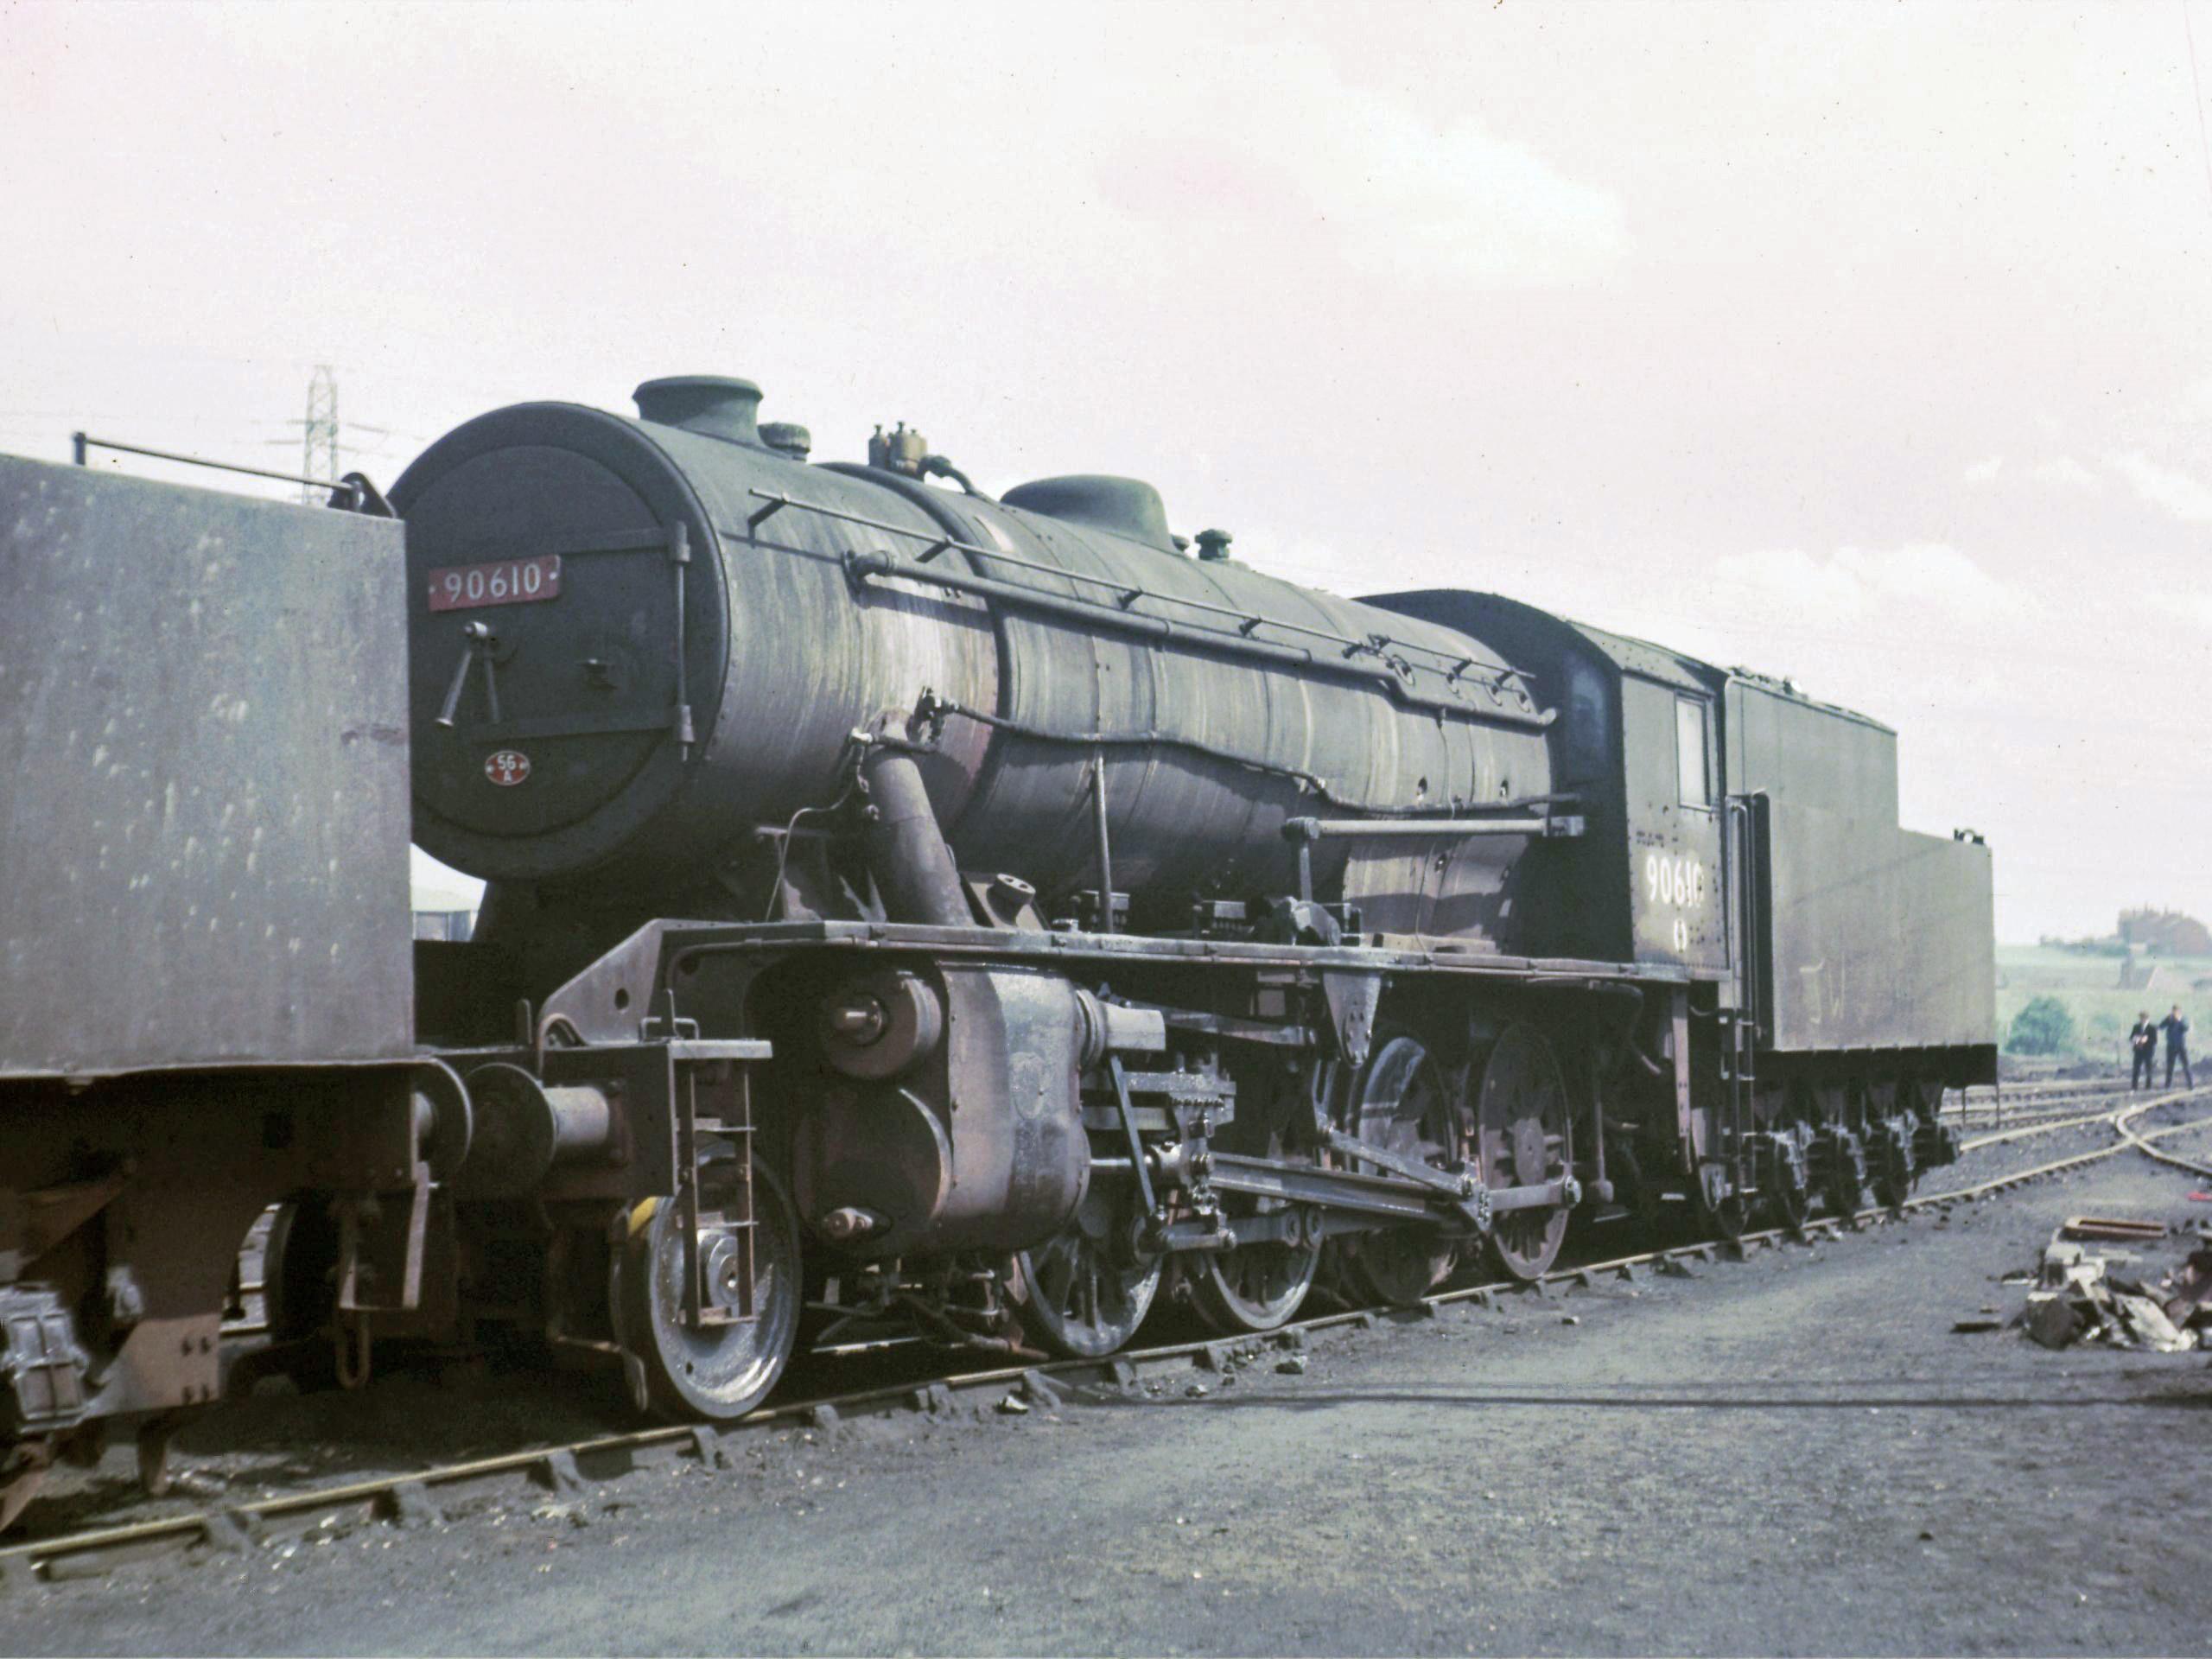 90610 wakefield May 1966.jpg